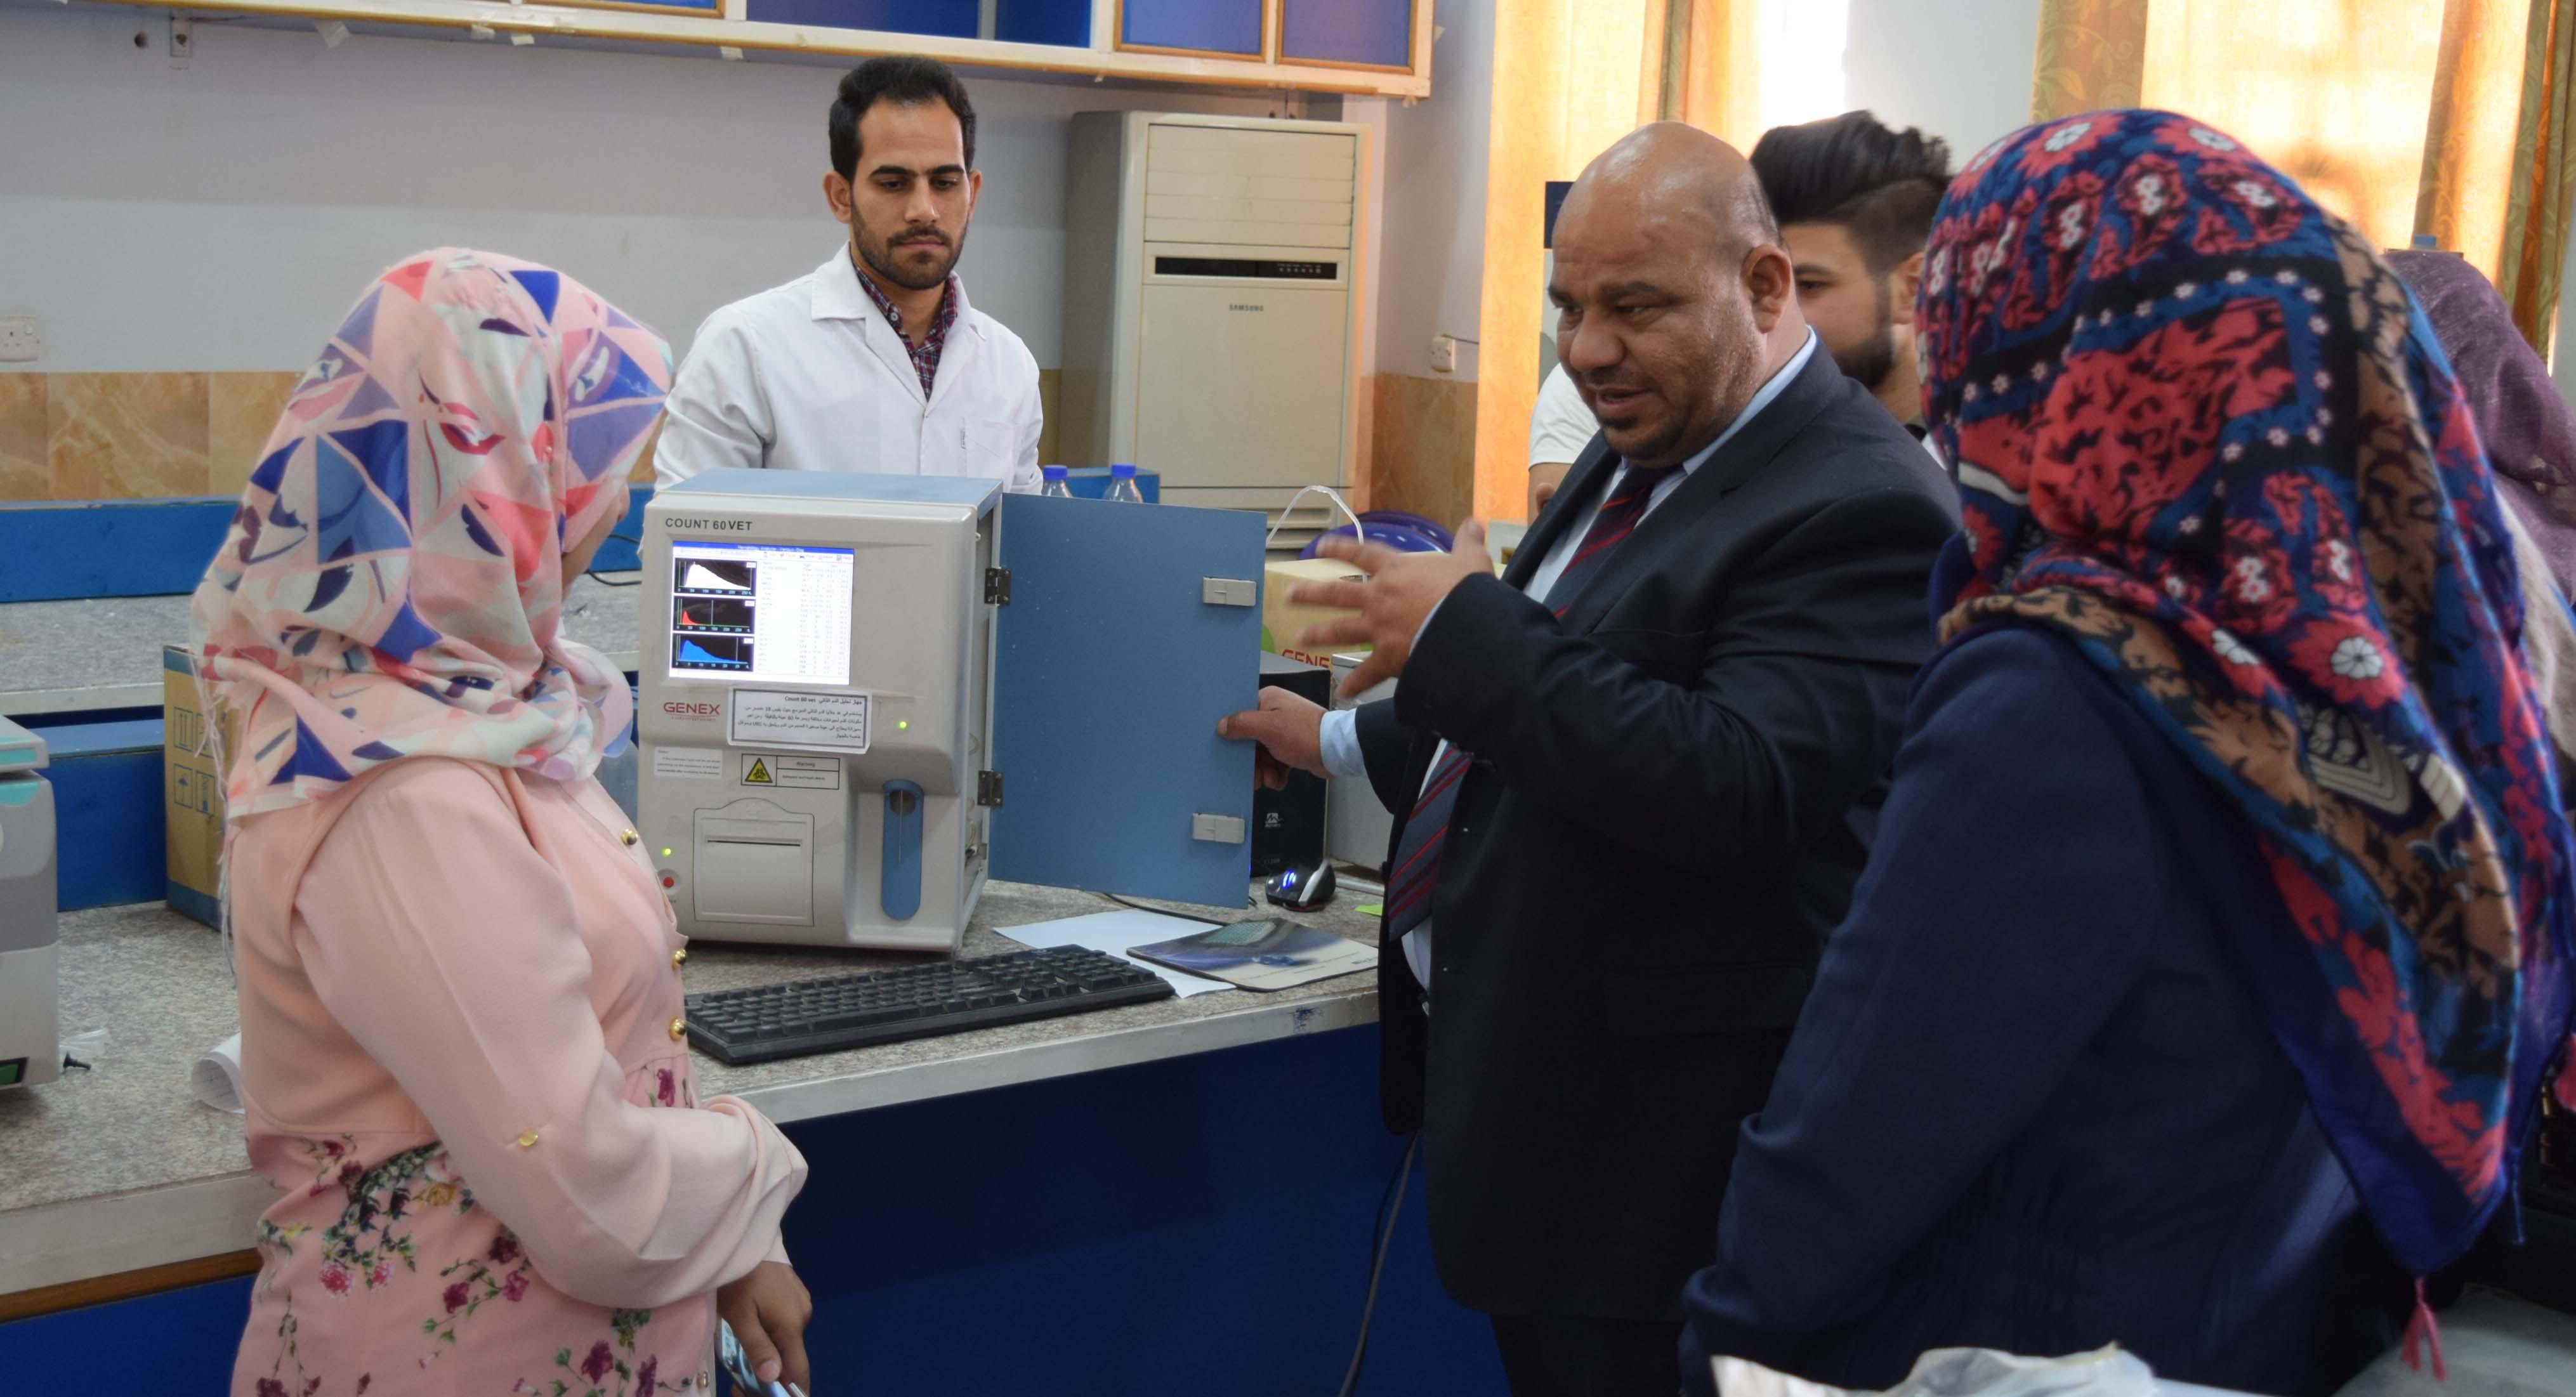 كلية الطب البيطري تقيم دورة تدريبية على جهاز تحليل الدم الذاتي (Count 60 vet)